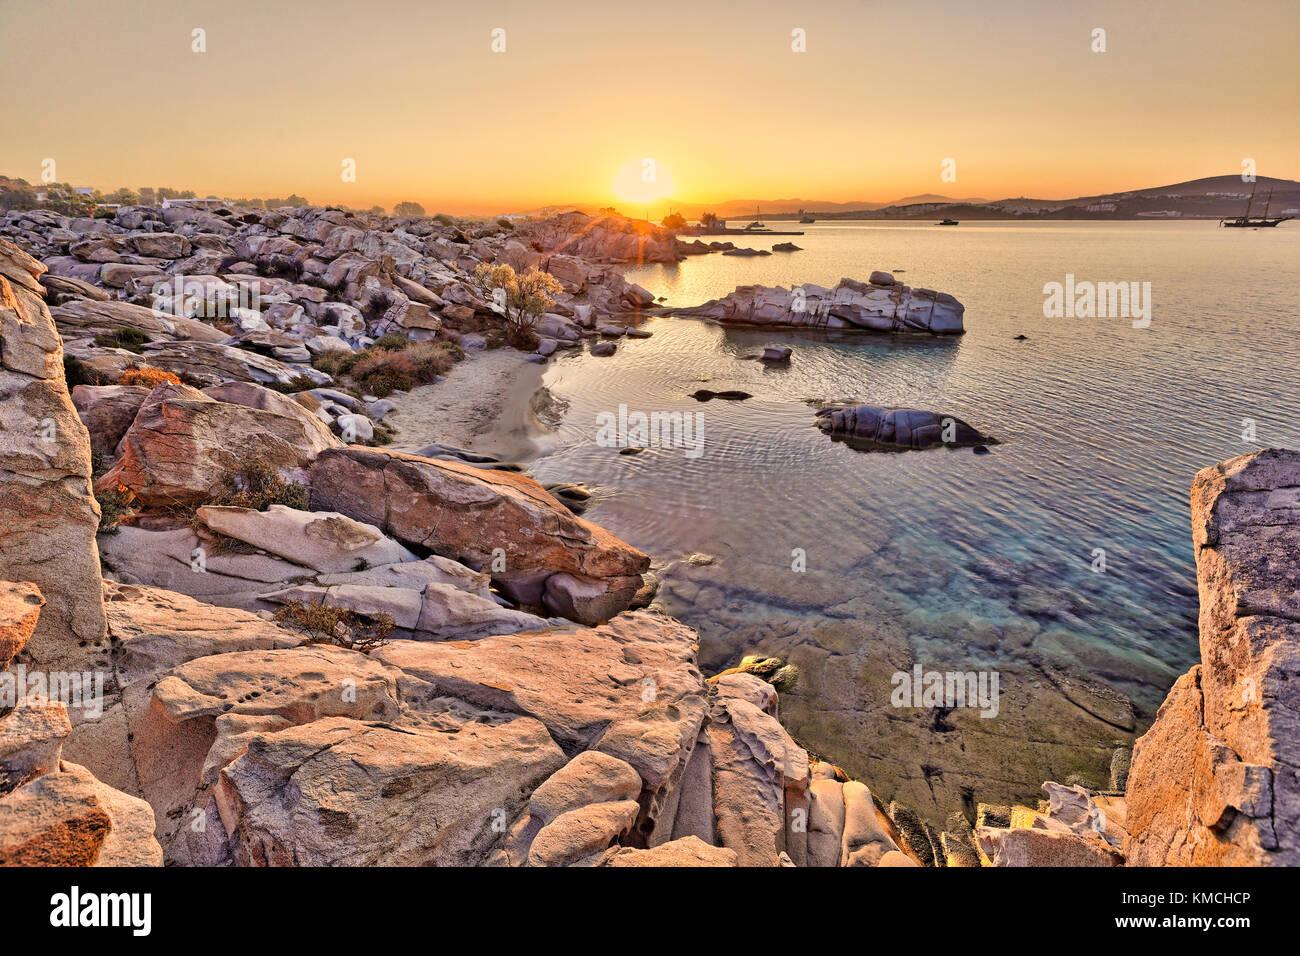 El amanecer en la playa kolymbithres de la isla de Paros, Grecia Imagen De Stock